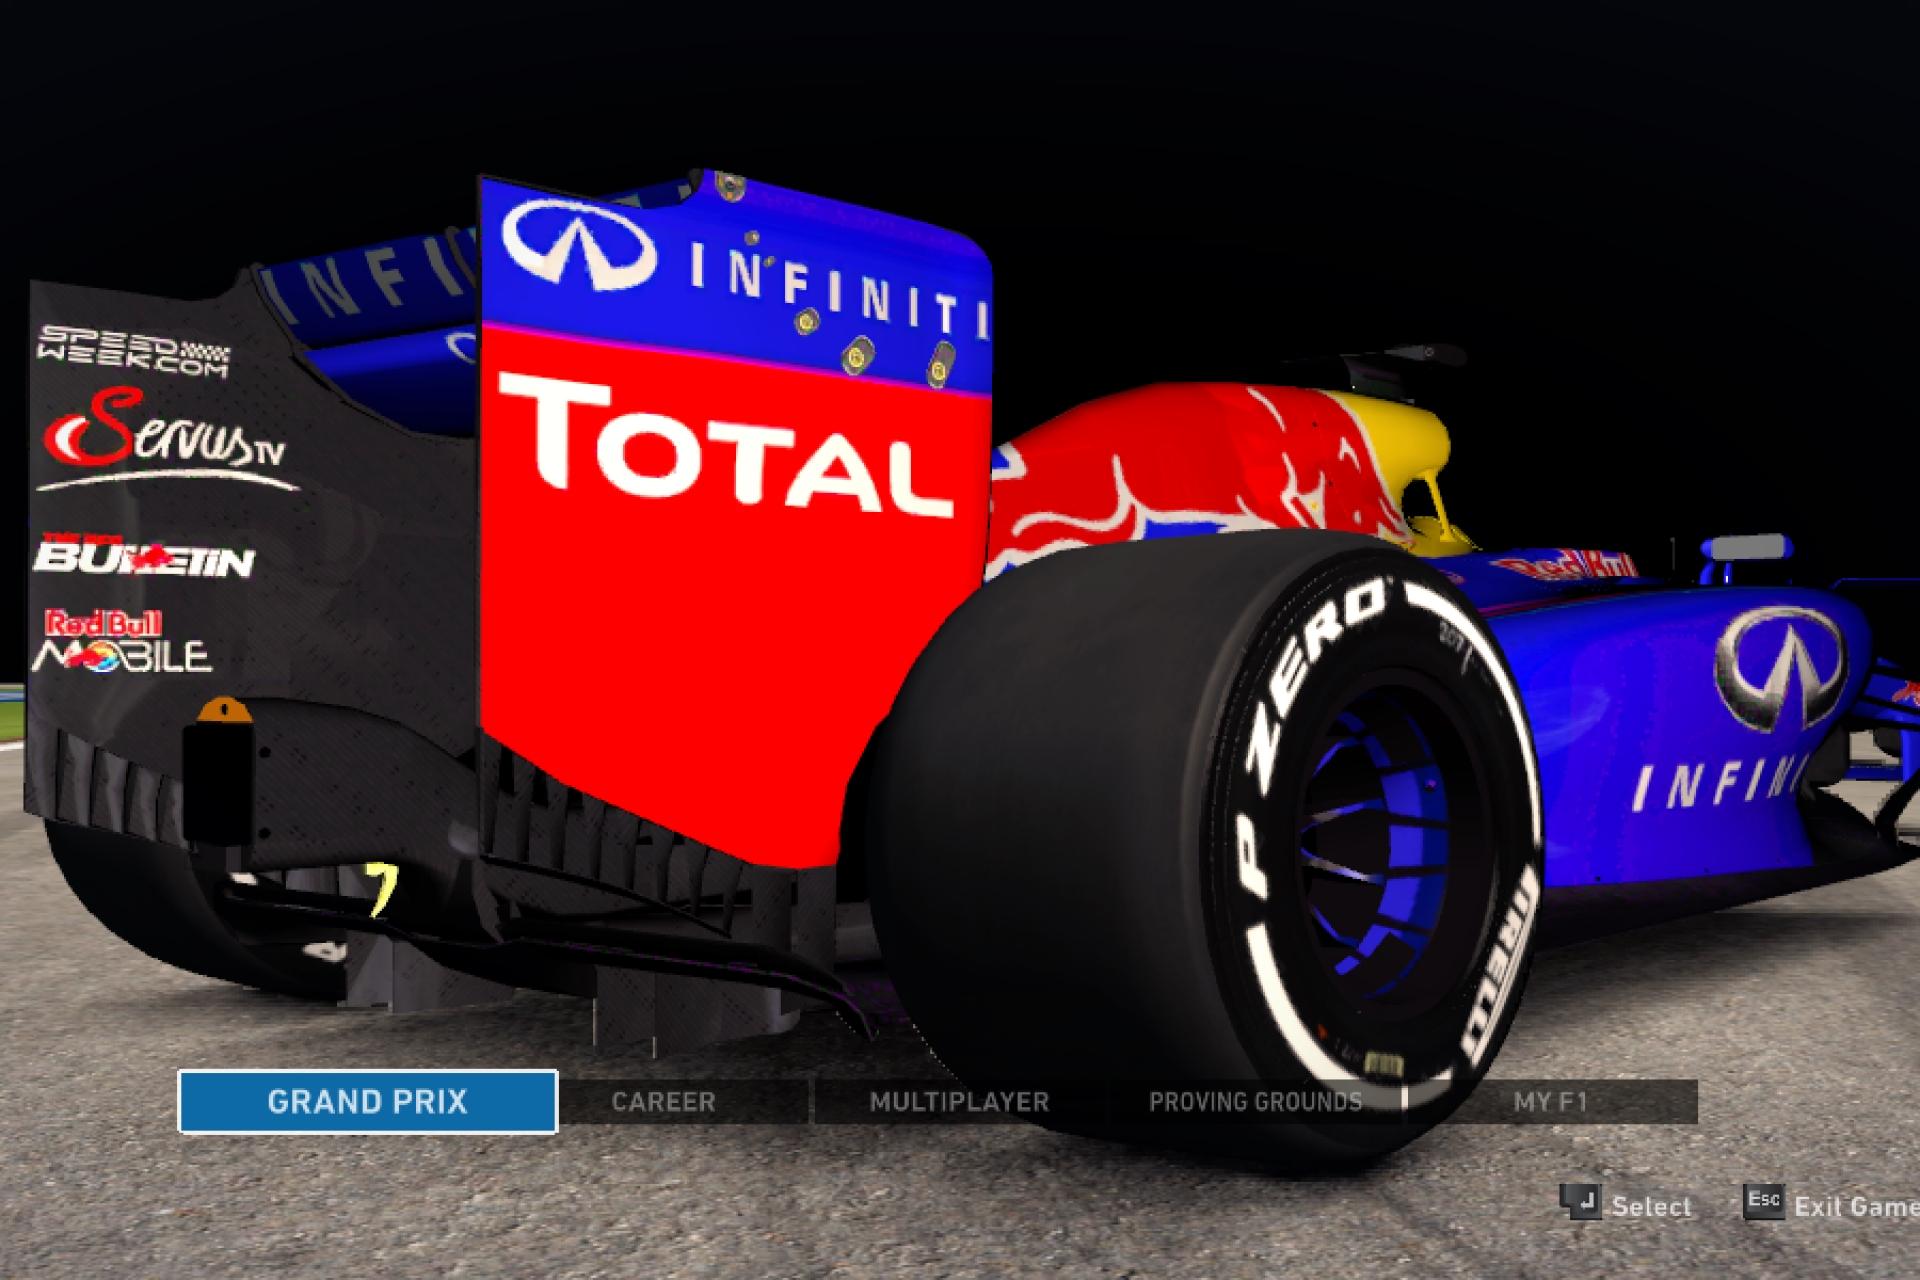 F1_2014 2015-07-17 08-55-34-372.jpg